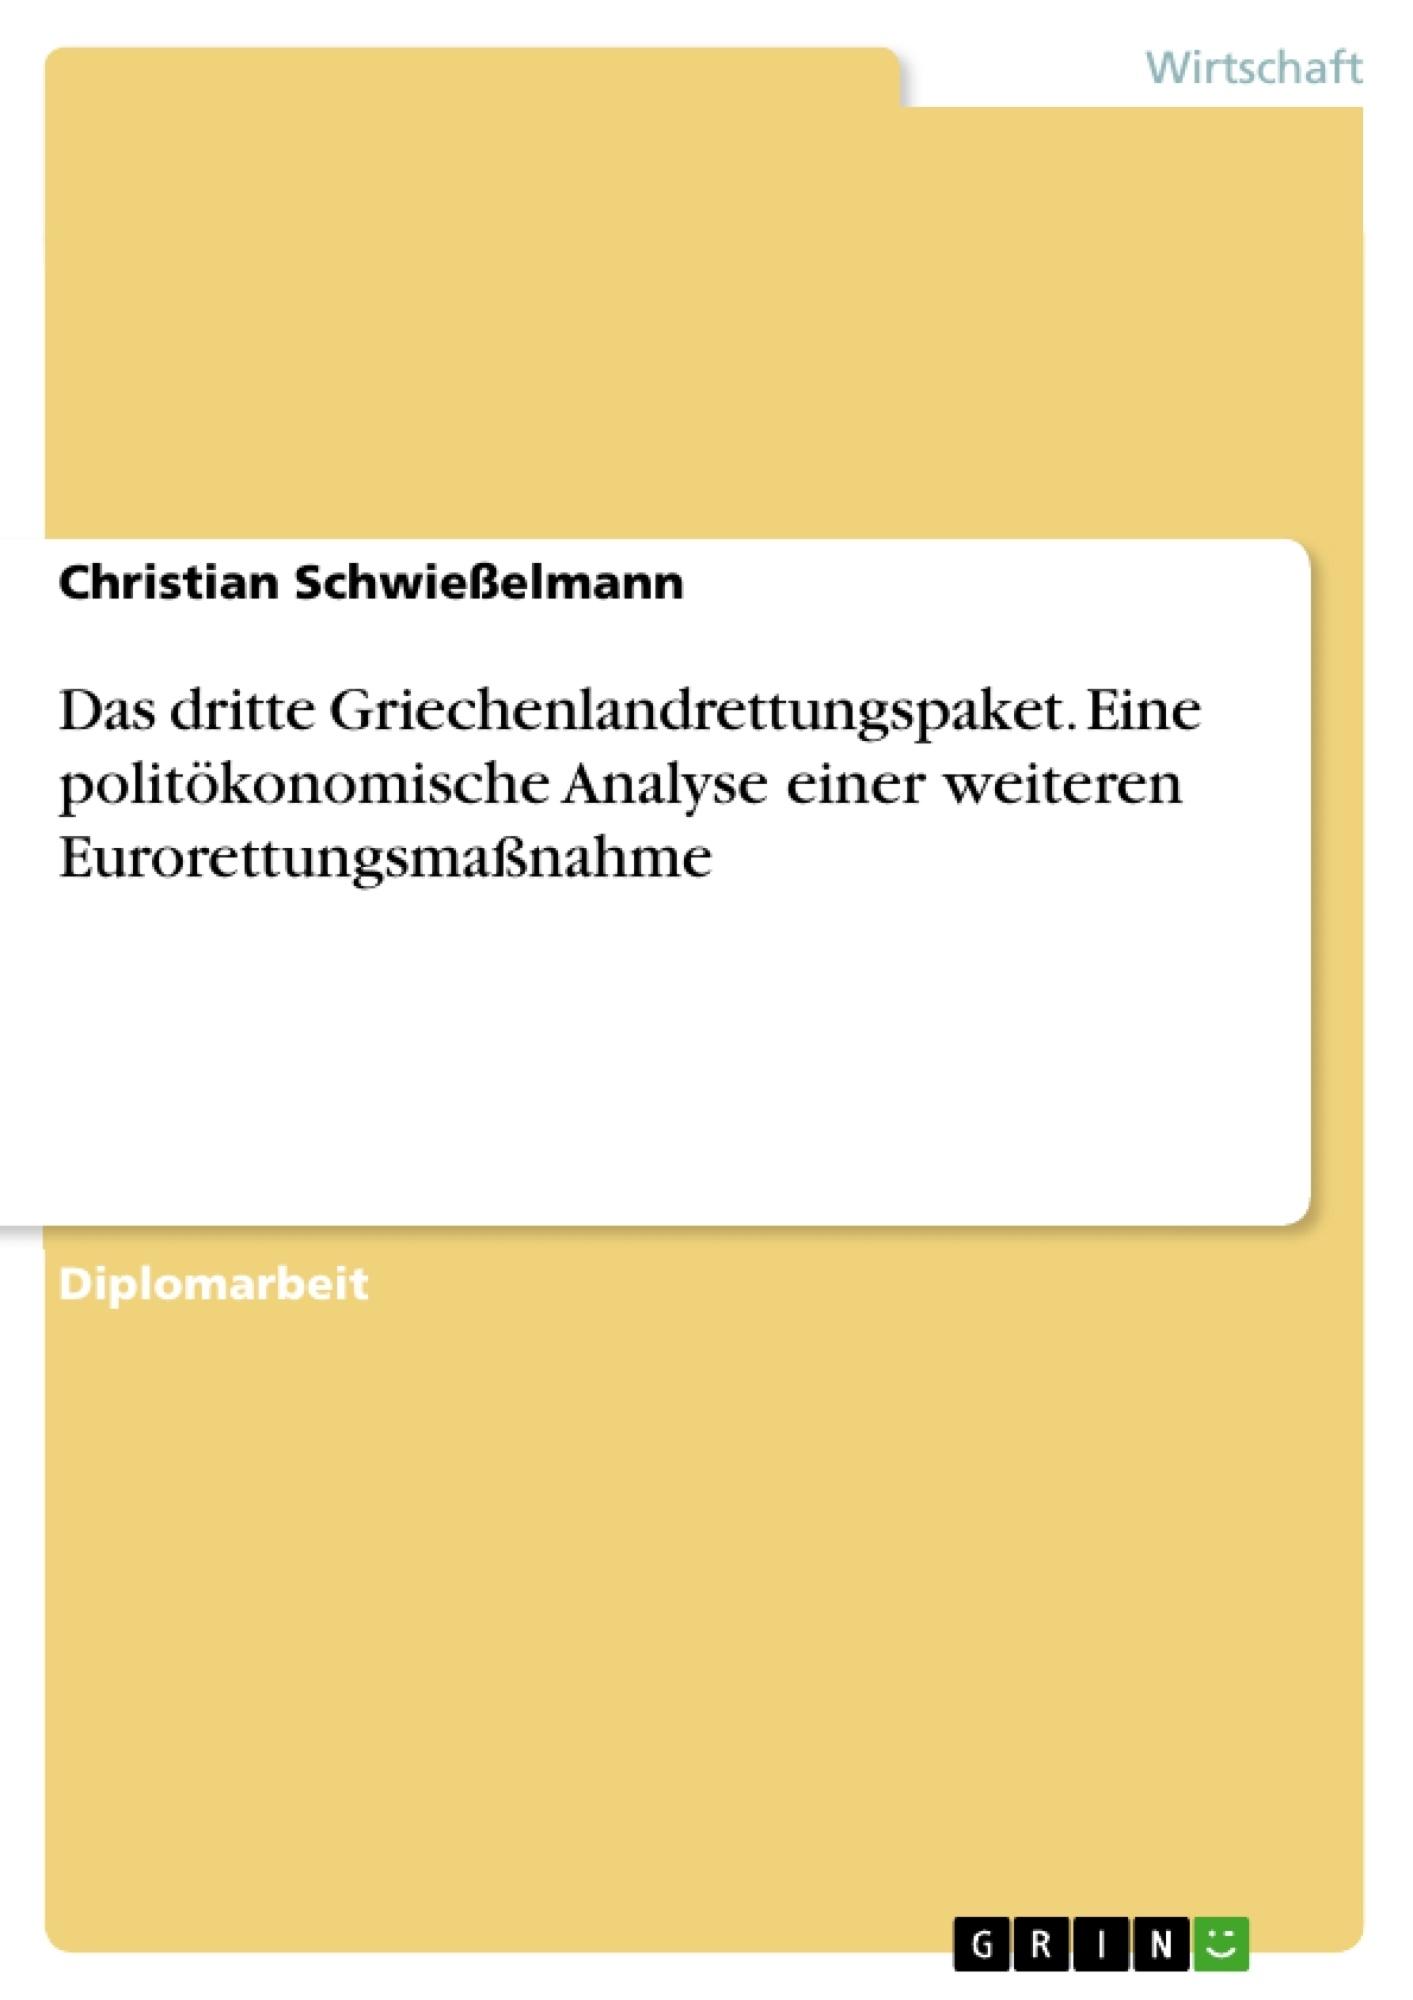 Titel: Das dritte Griechenlandrettungspaket. Eine politökonomische Analyse einer weiteren Eurorettungsmaßnahme